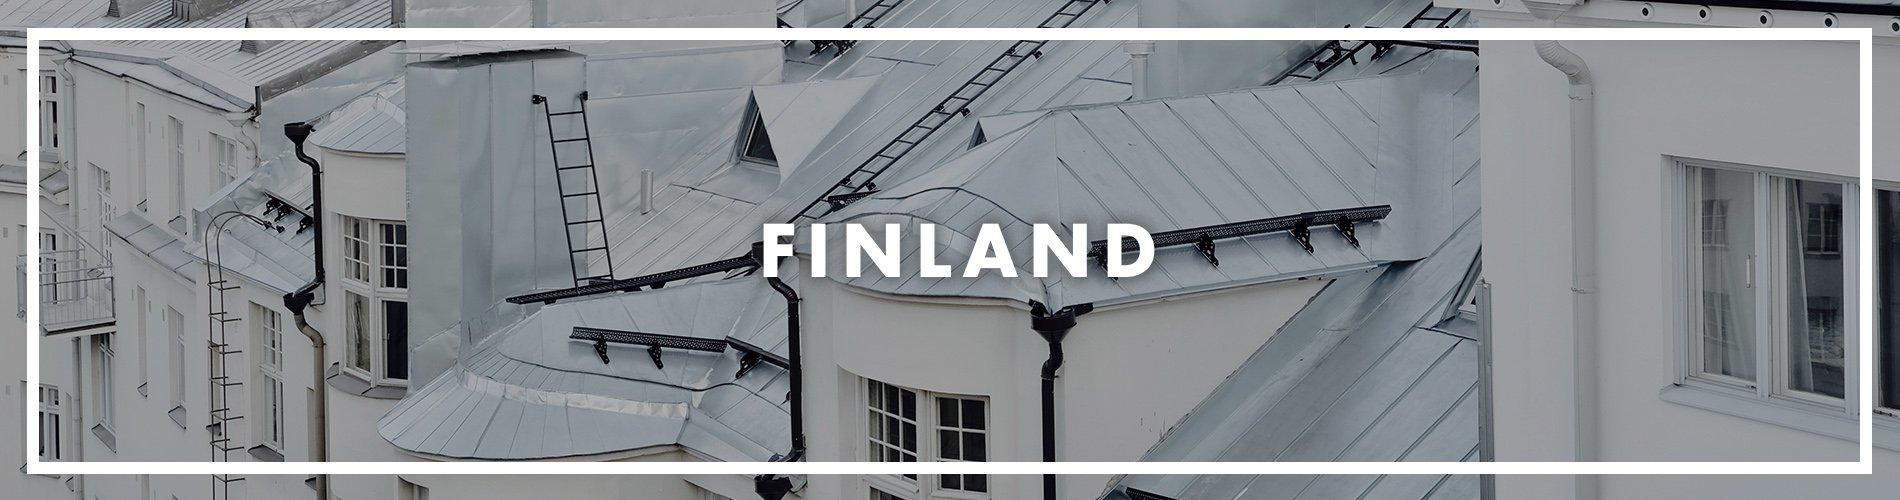 Finland banner